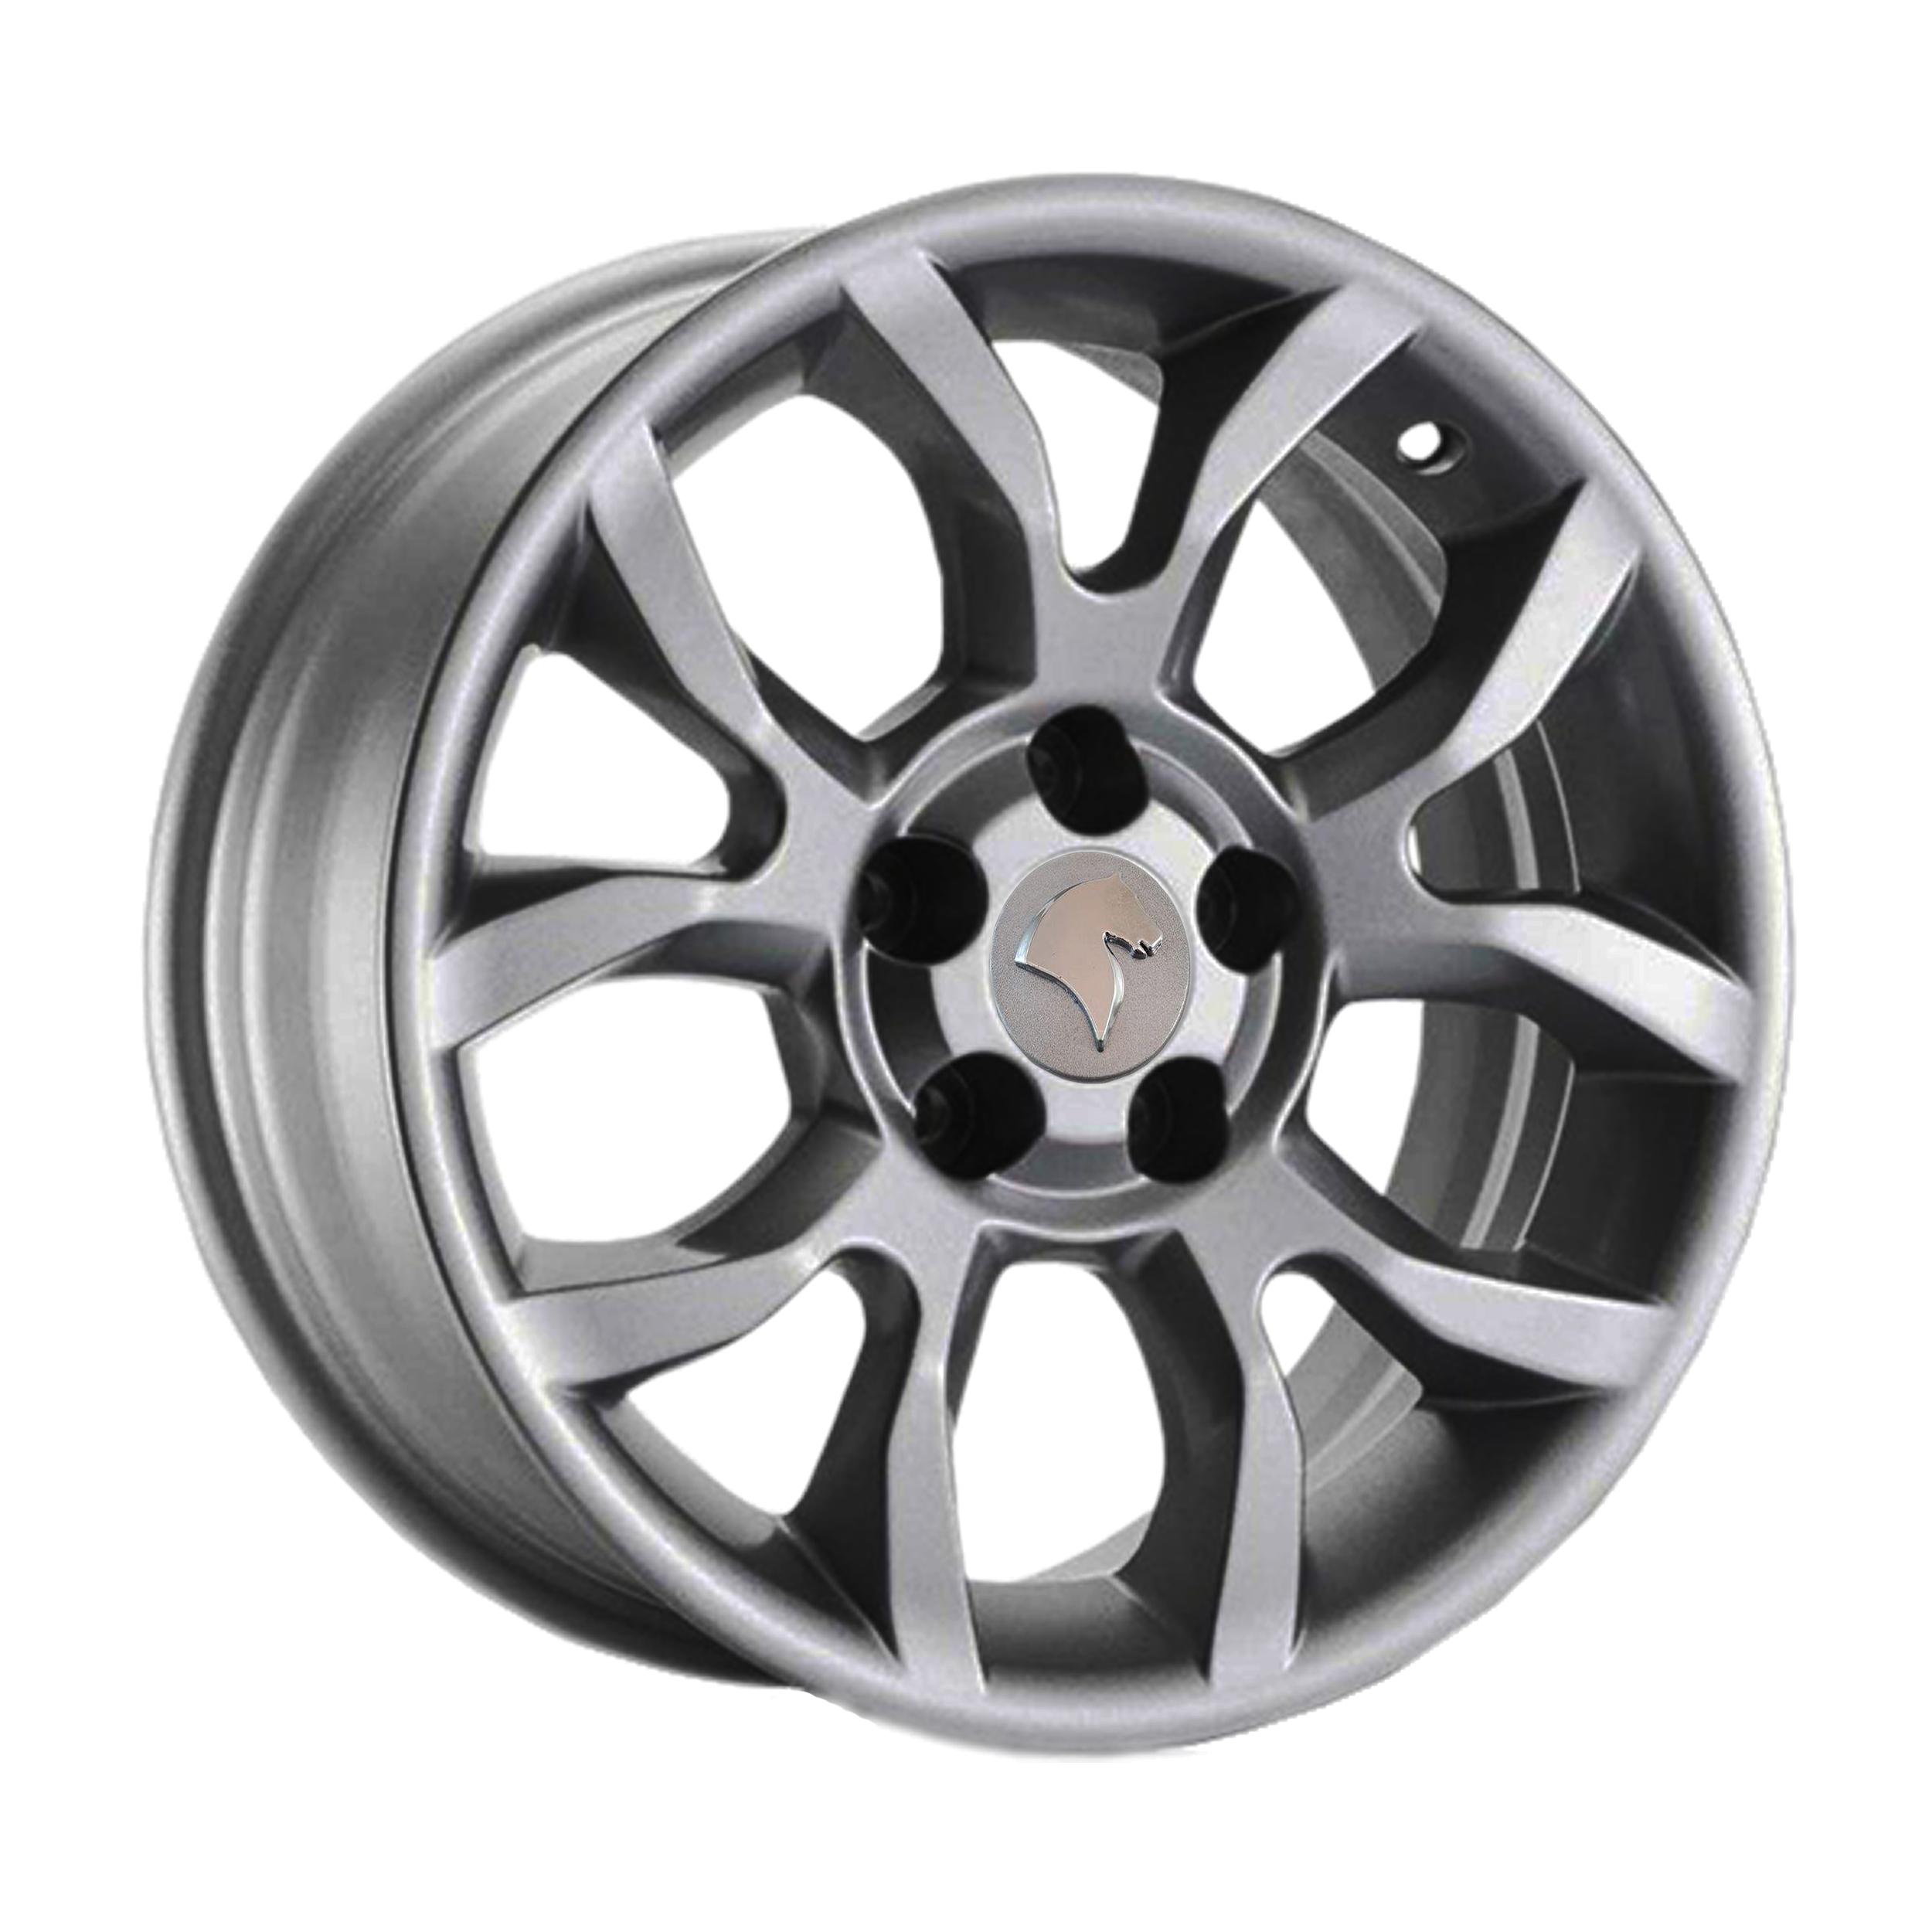 رینگ چرخ مدل X409 سایز 16 اینچ مناسب برای دنا